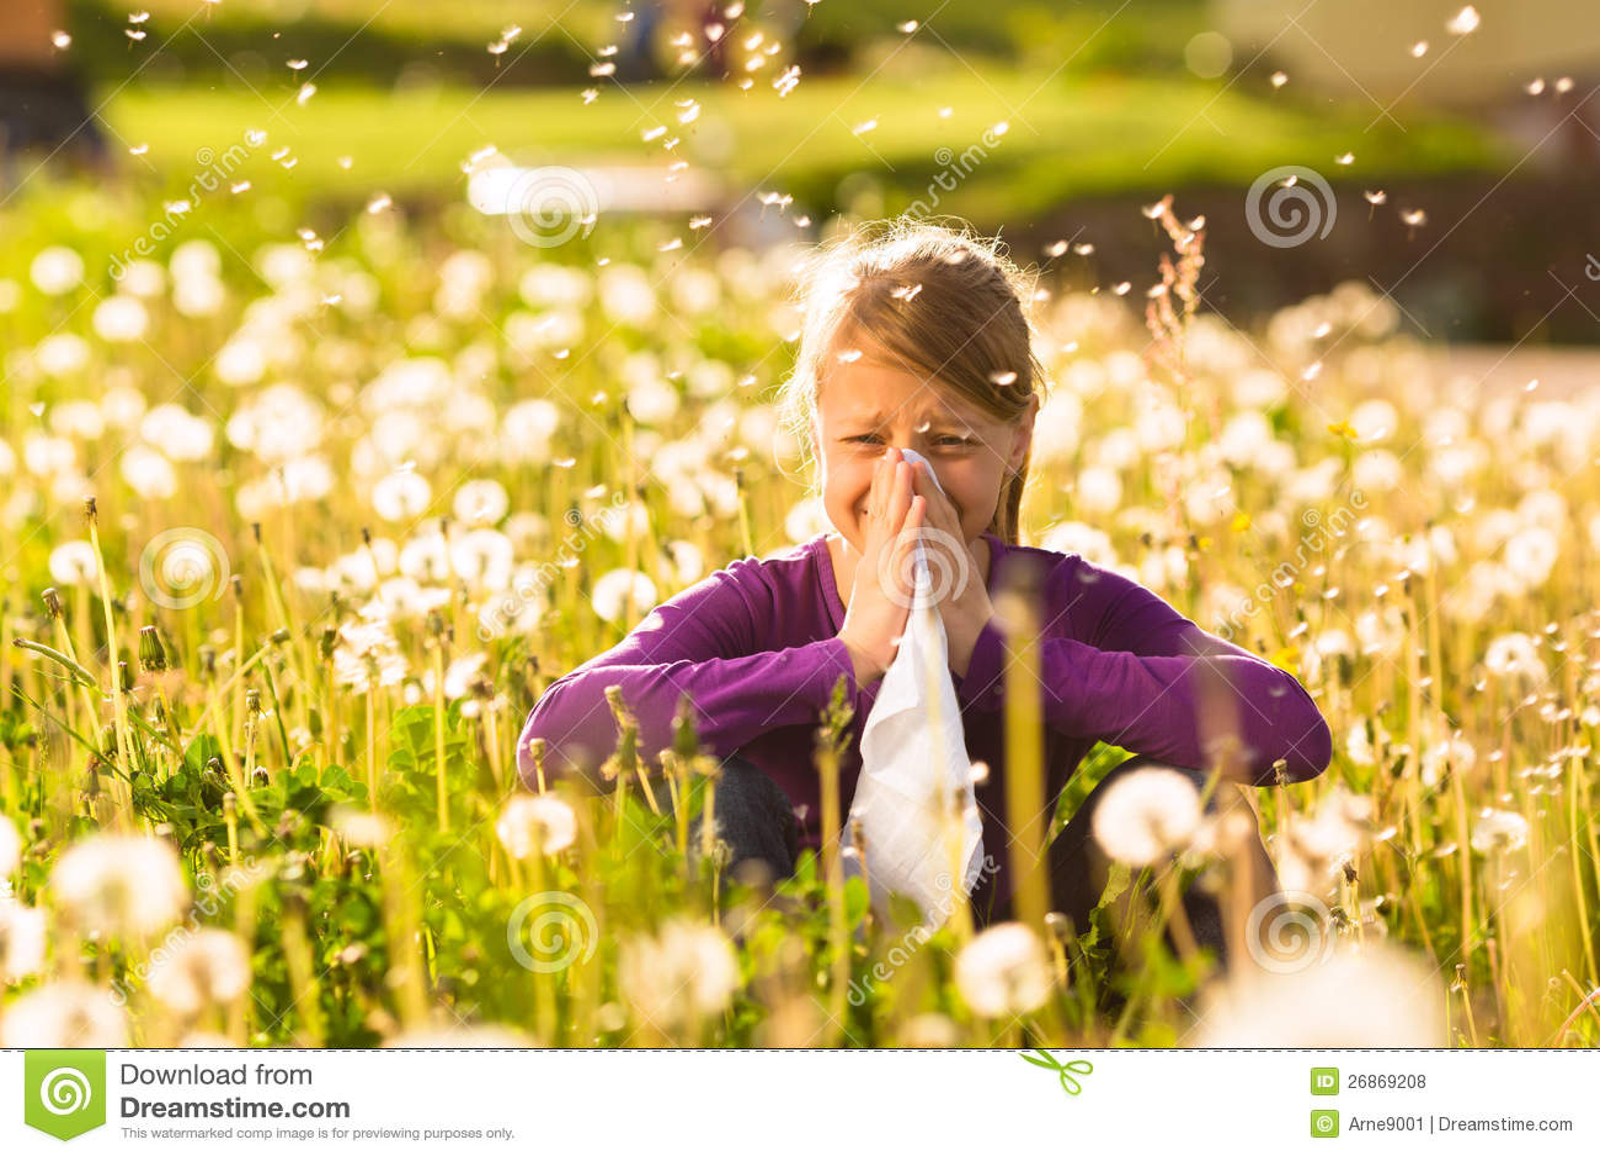 La muchacha en prado y tiene fiebre o alergia de heno